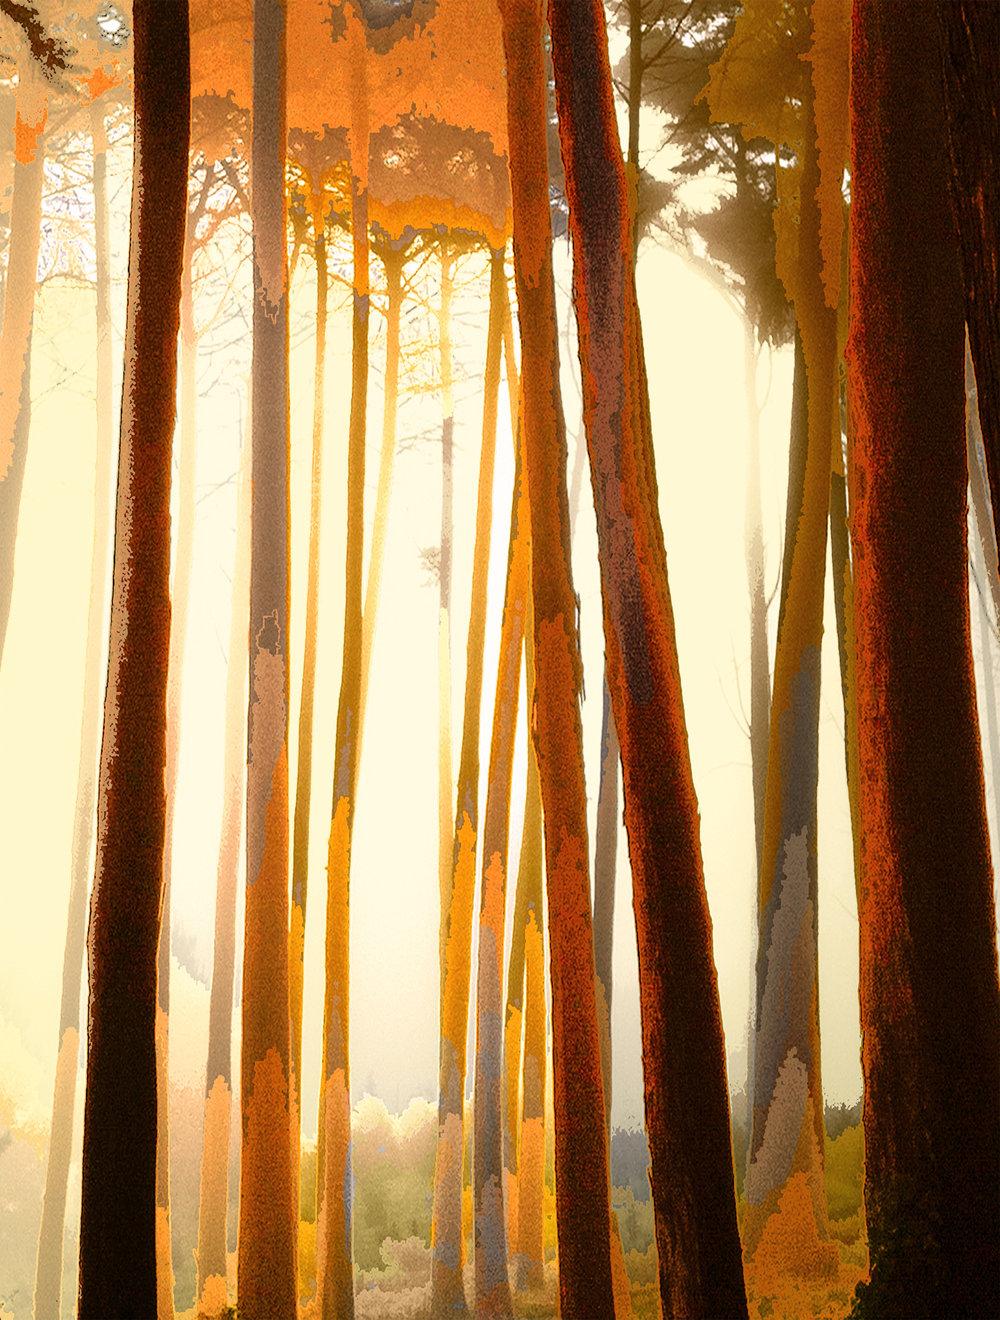 Tangerine Trees